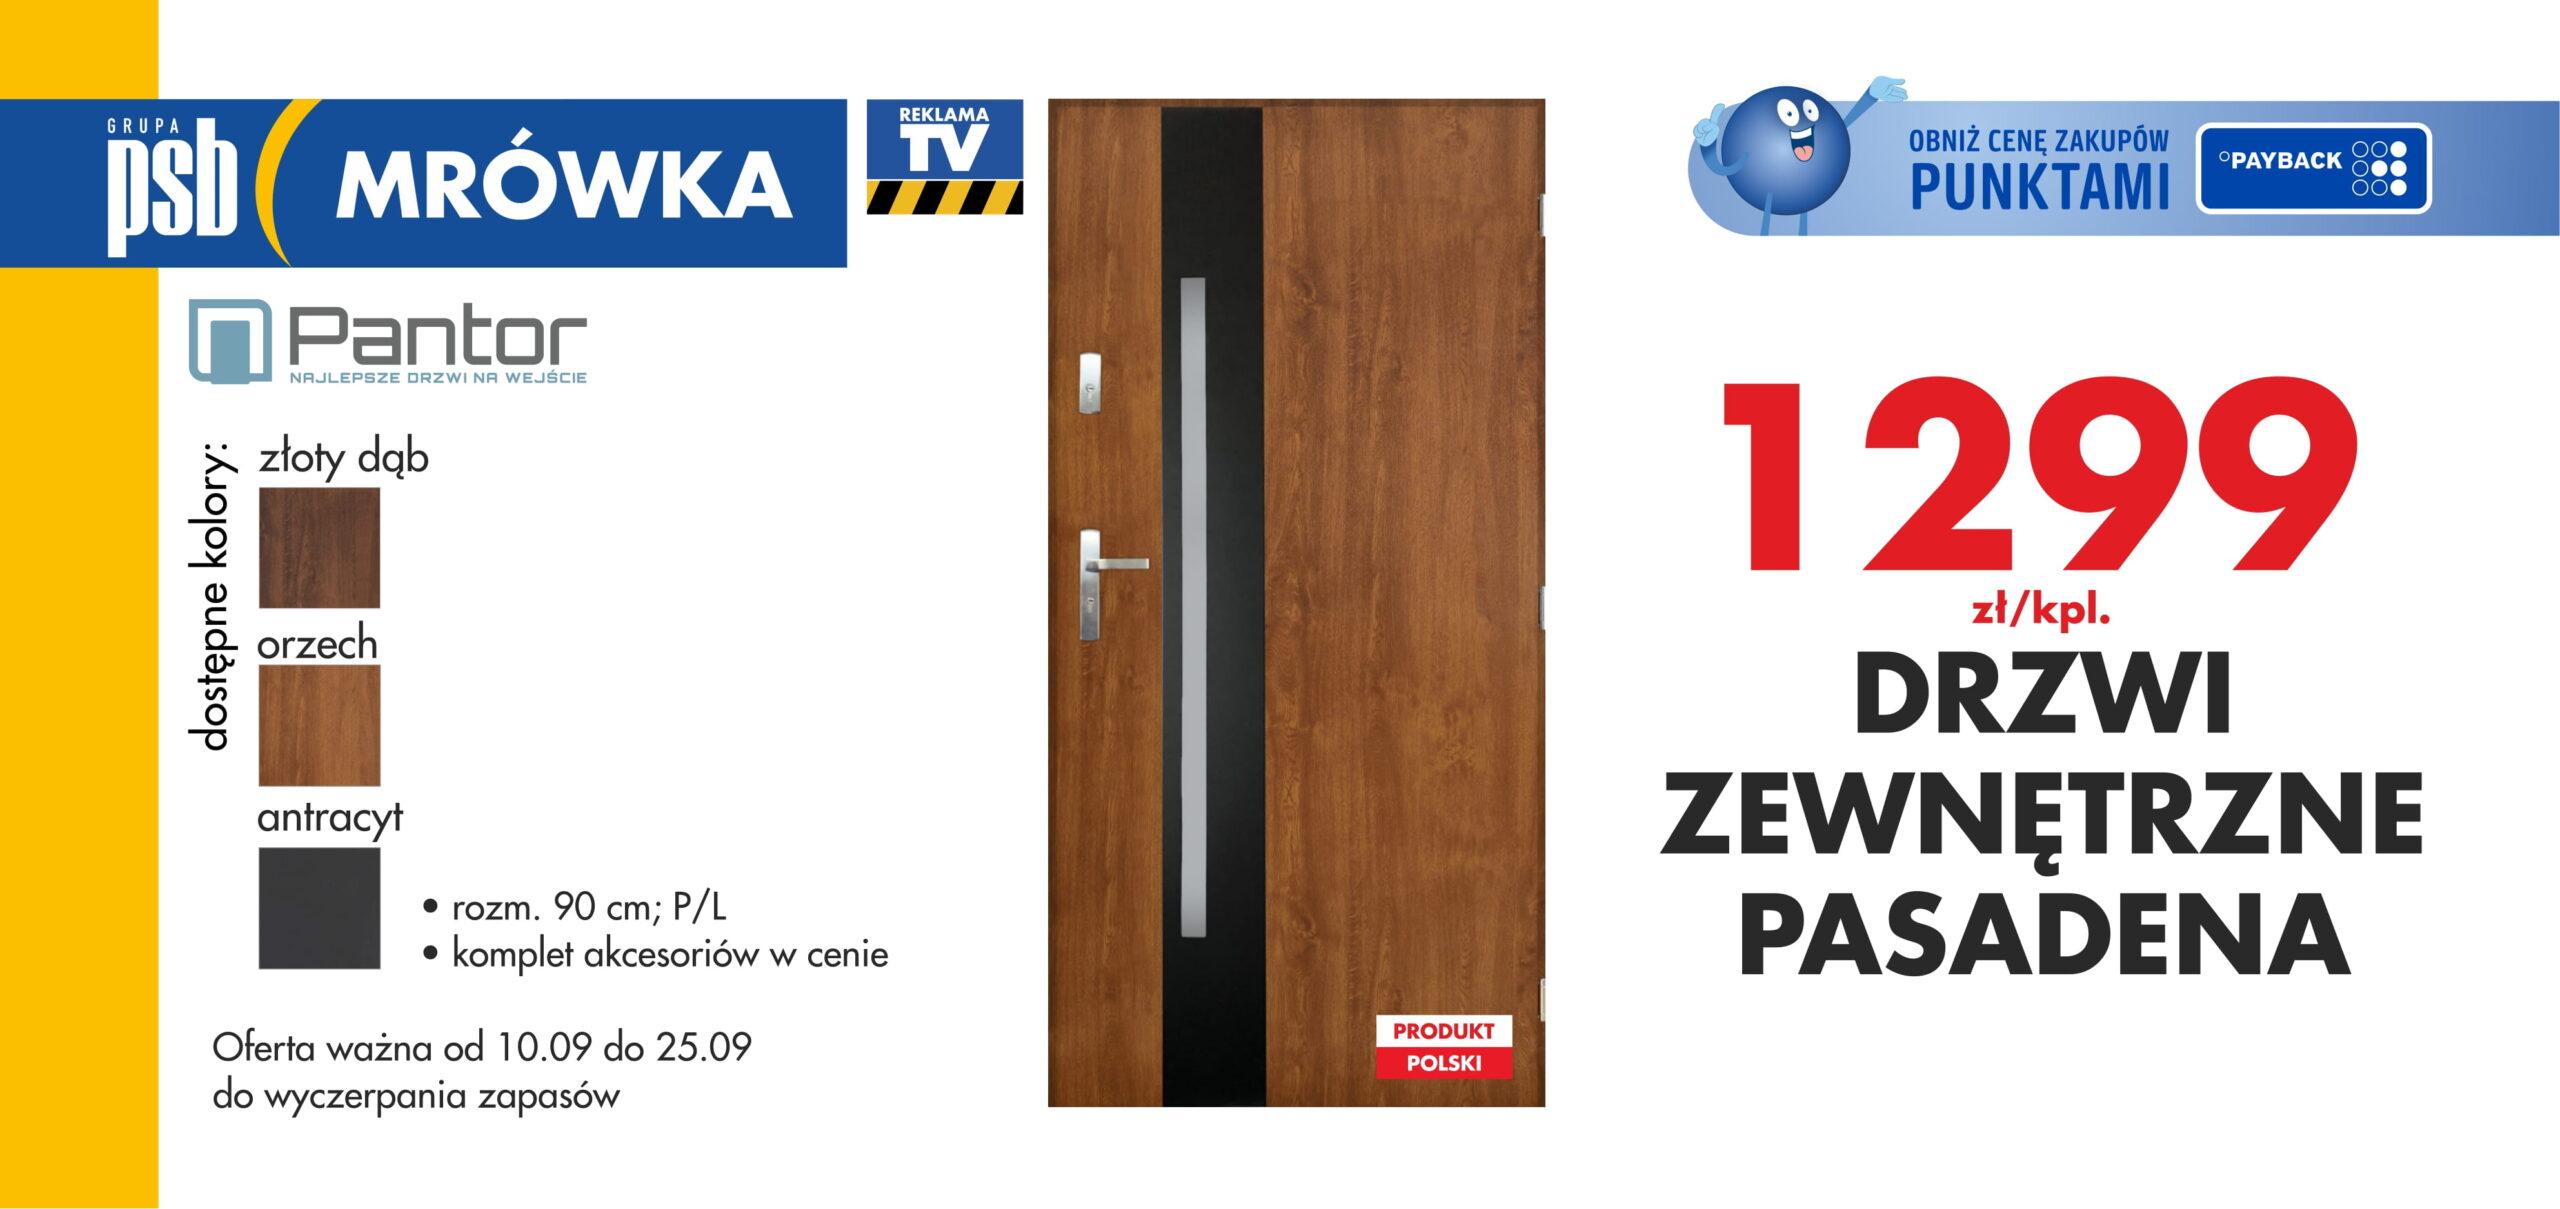 drzwi pasadena